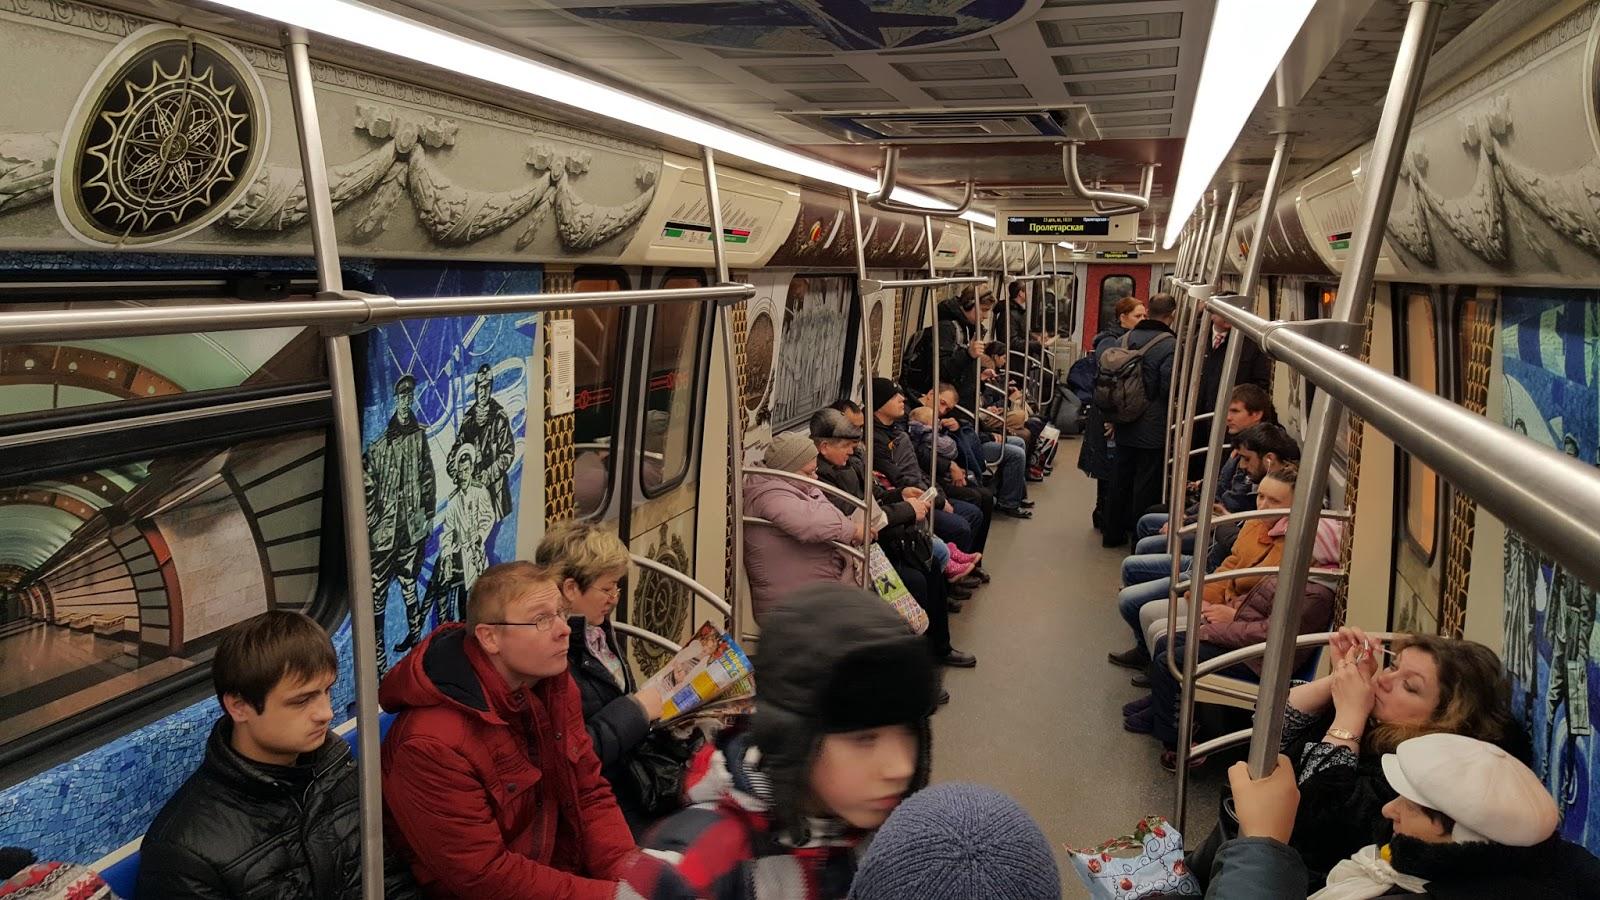 Рассказ в вагоне метро, : Эротические рассказы и секс. Рассказ 5 фотография